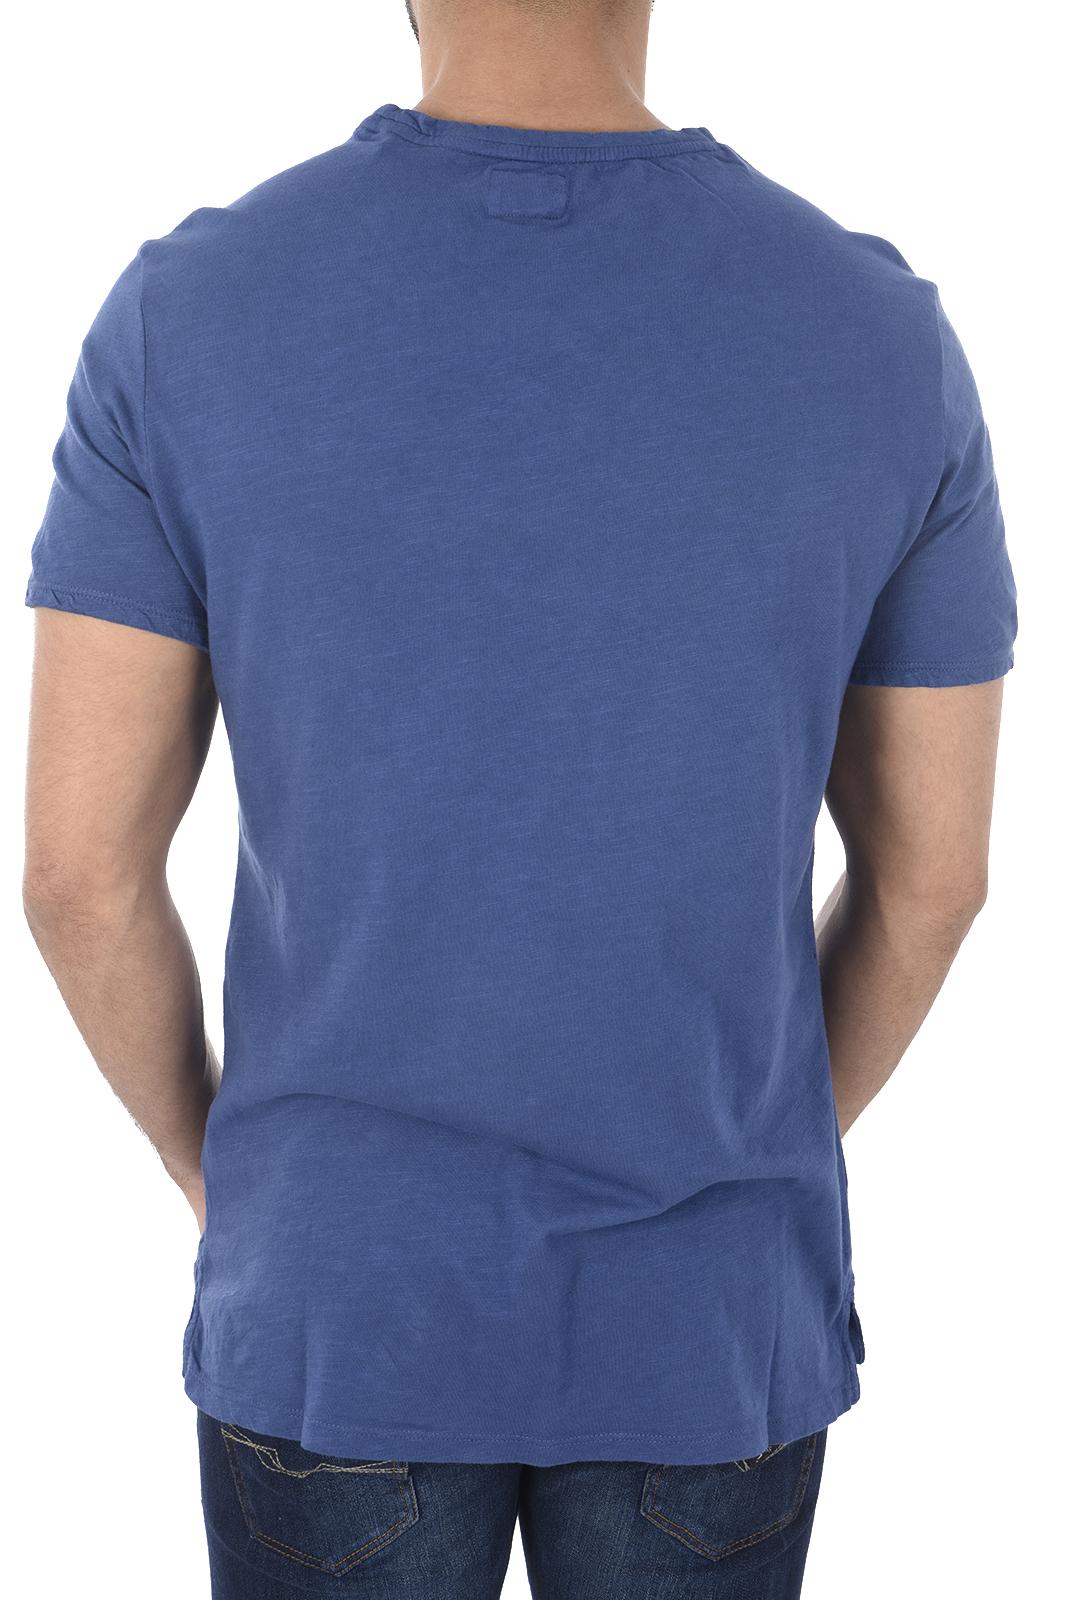 T-S manches courtes  Guess jeans M82I10 K6XN0 F7Q8 REGATA BLUE